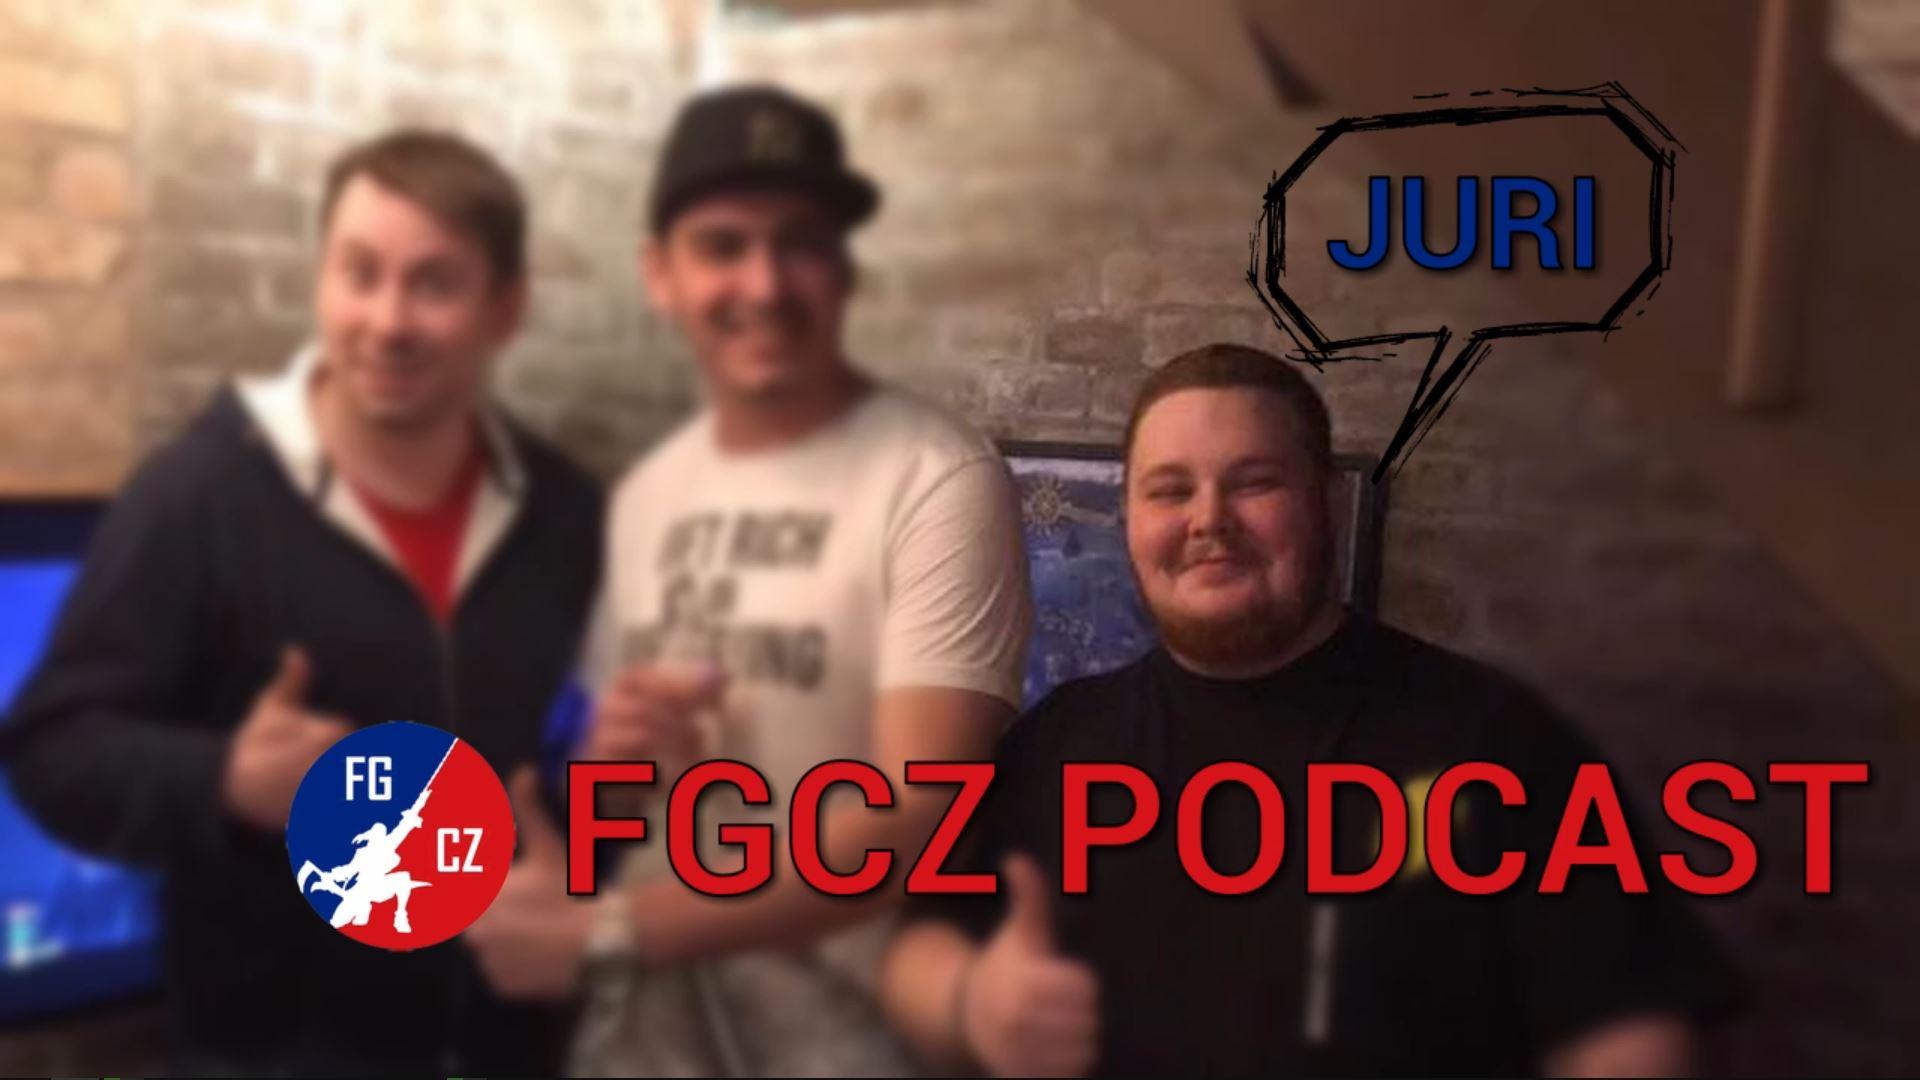 Pátý FGCZ podcast, tentokrát s Jurim